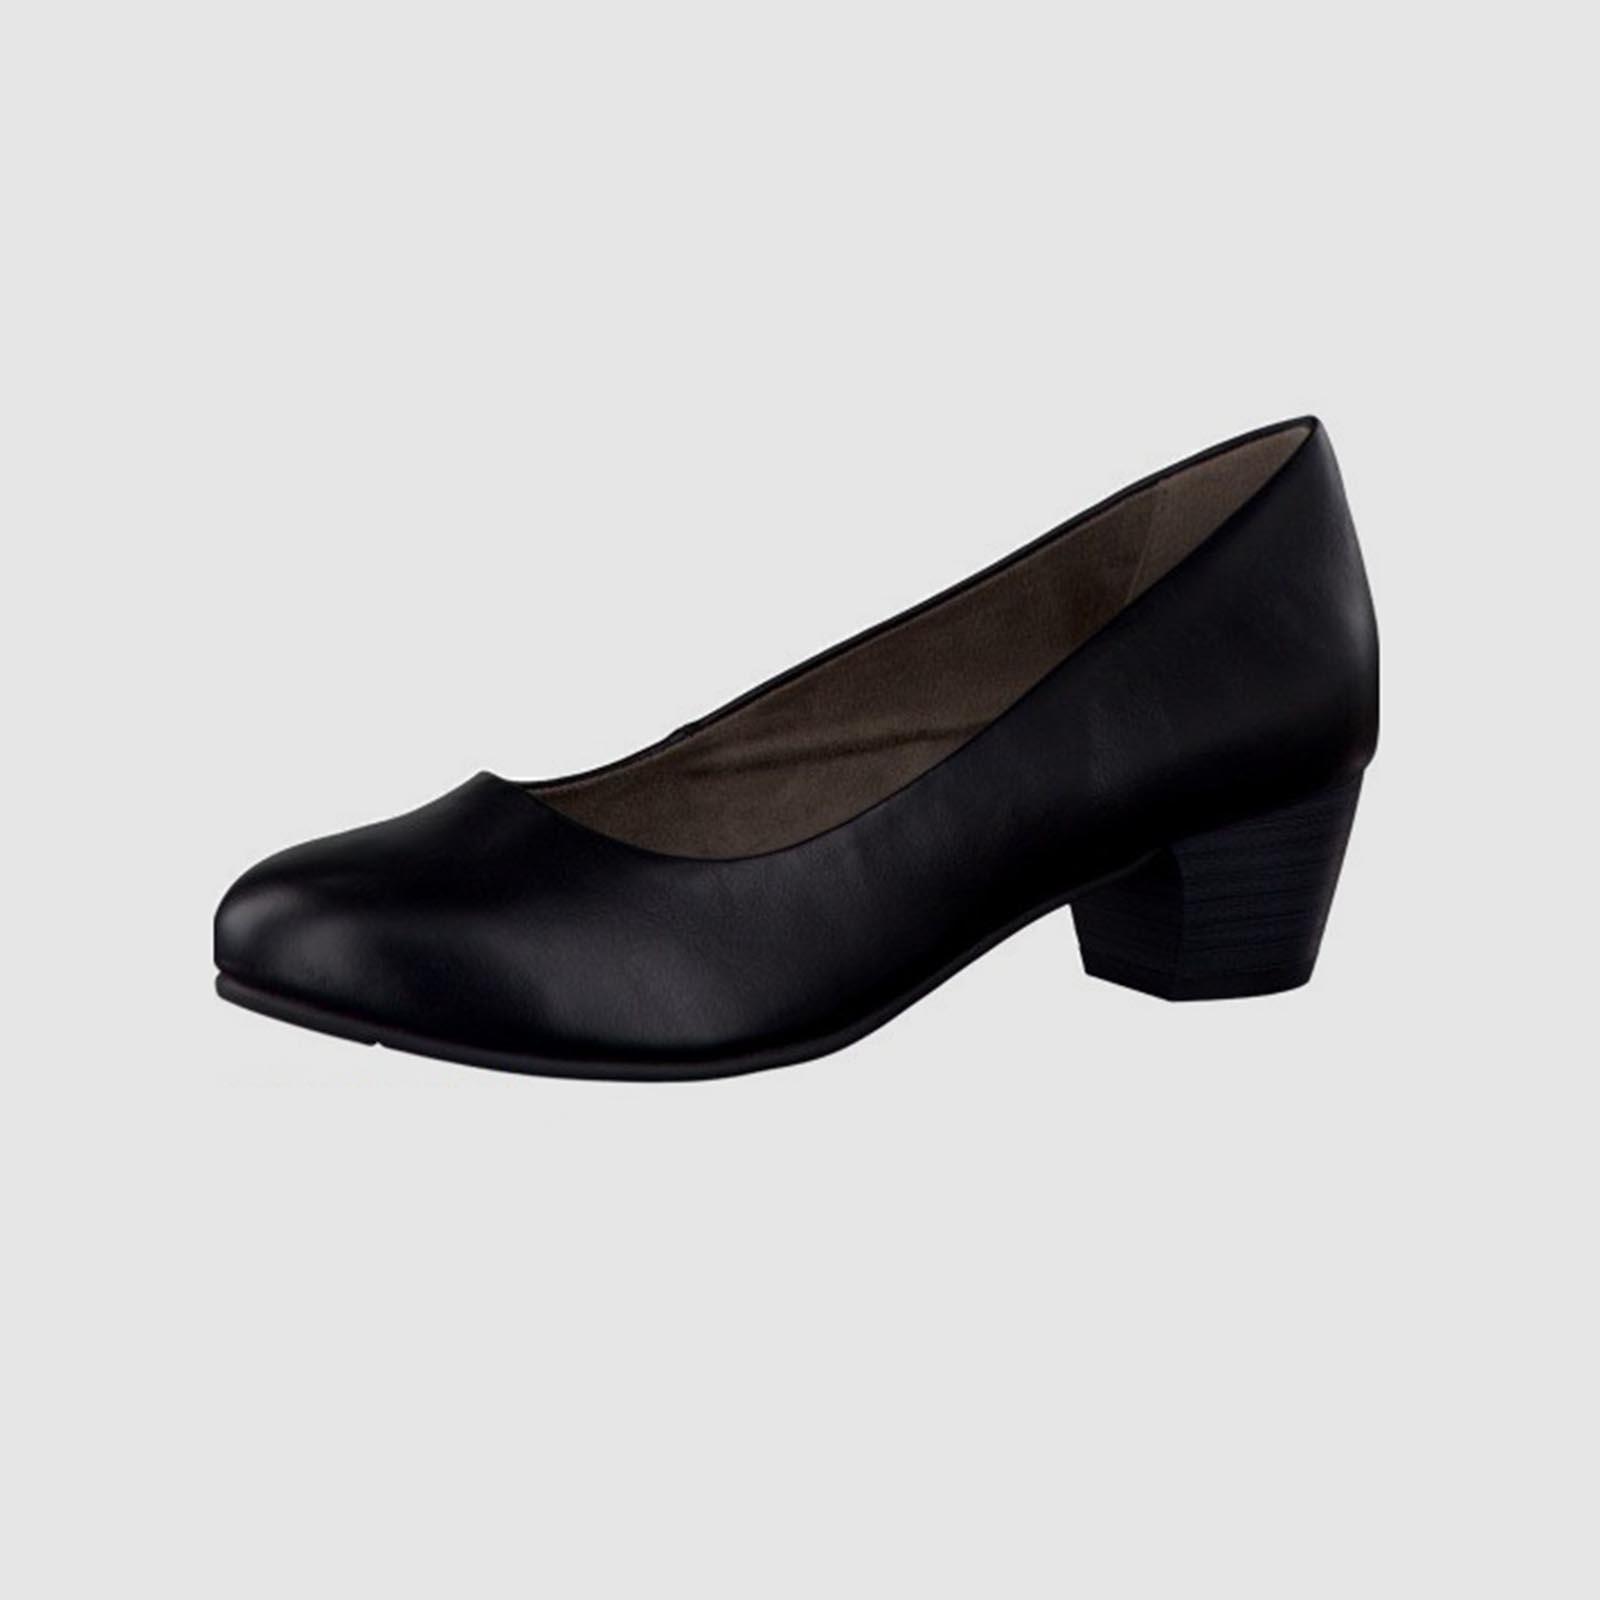 Лодочки женские классические на среднем каблуке